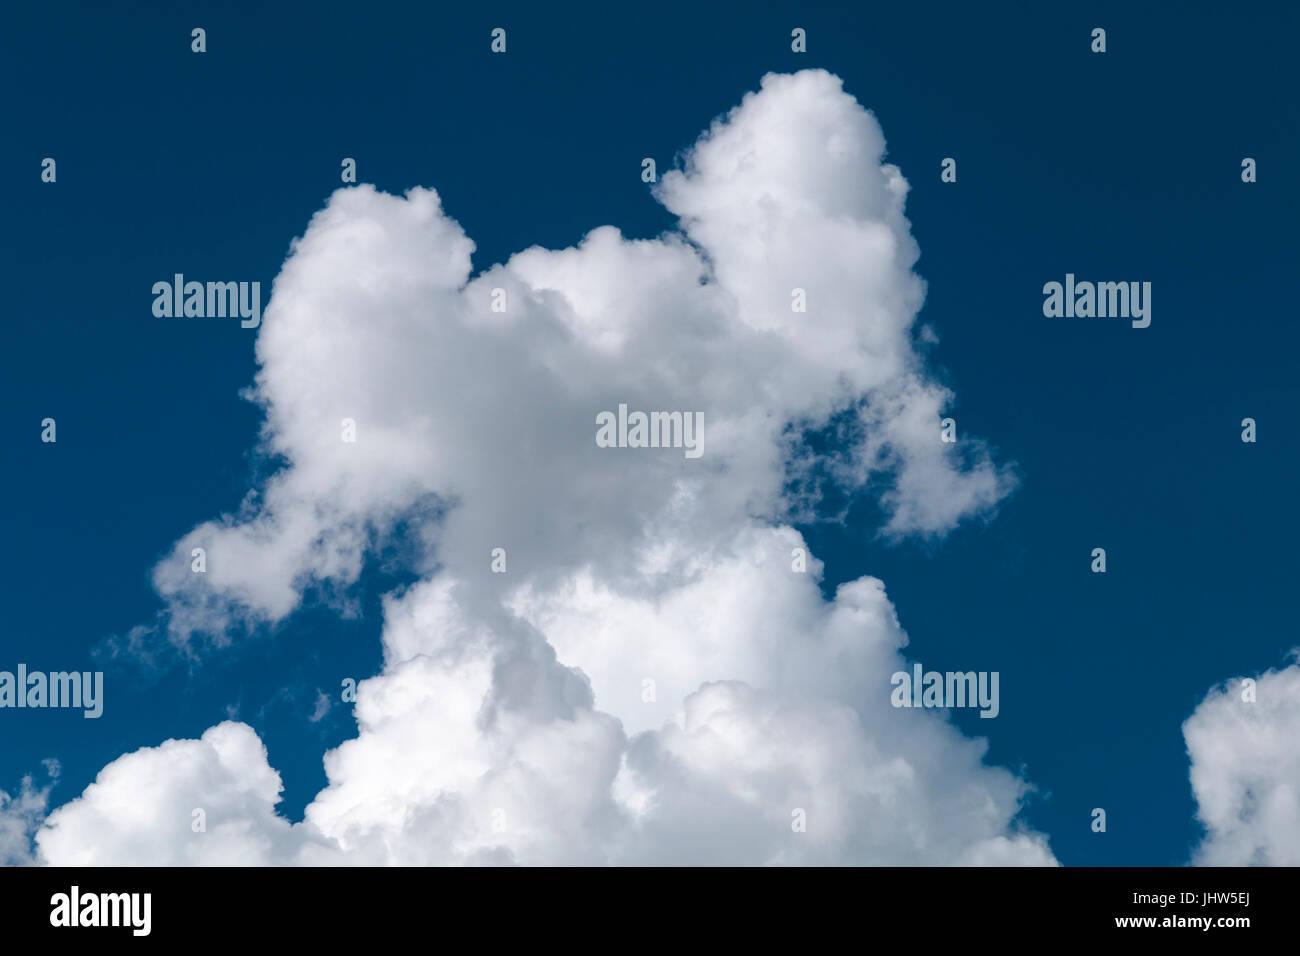 Una nuvola che sembra come una figura, modello o di persona con i bracci sollevati. Immagini Stock